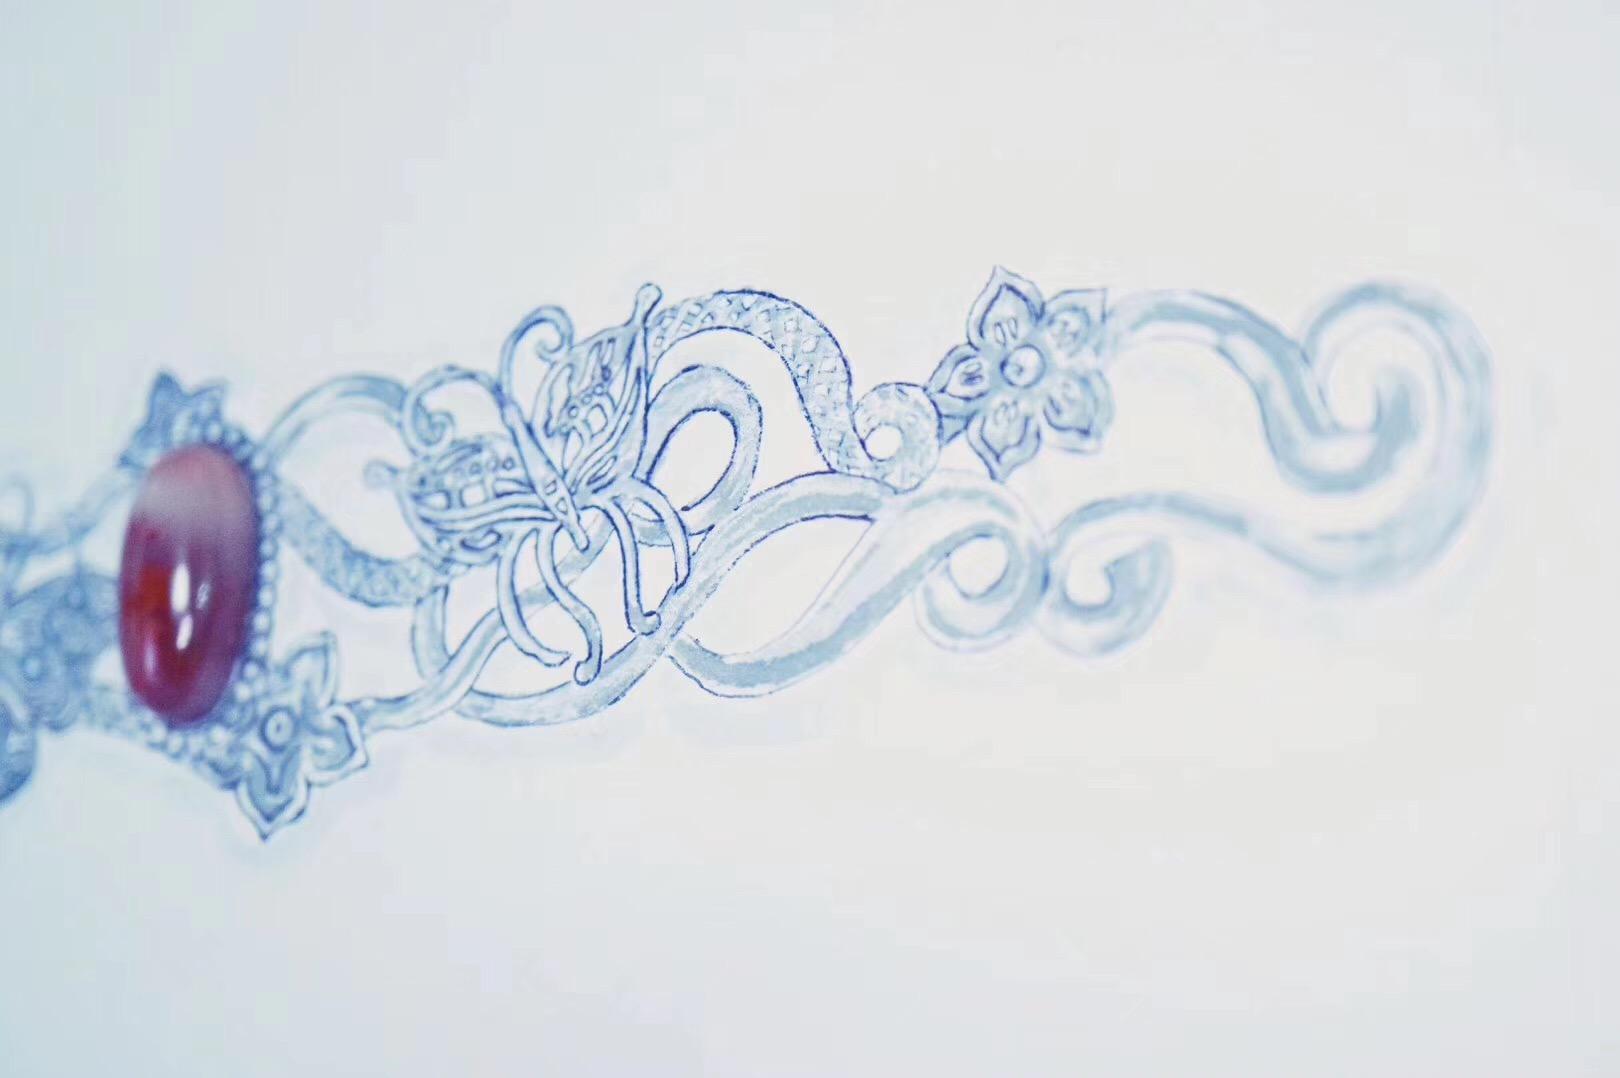 南红镯子的特别设计,期待看到实物和Cosplayer对它的演绎-菩心晶舍